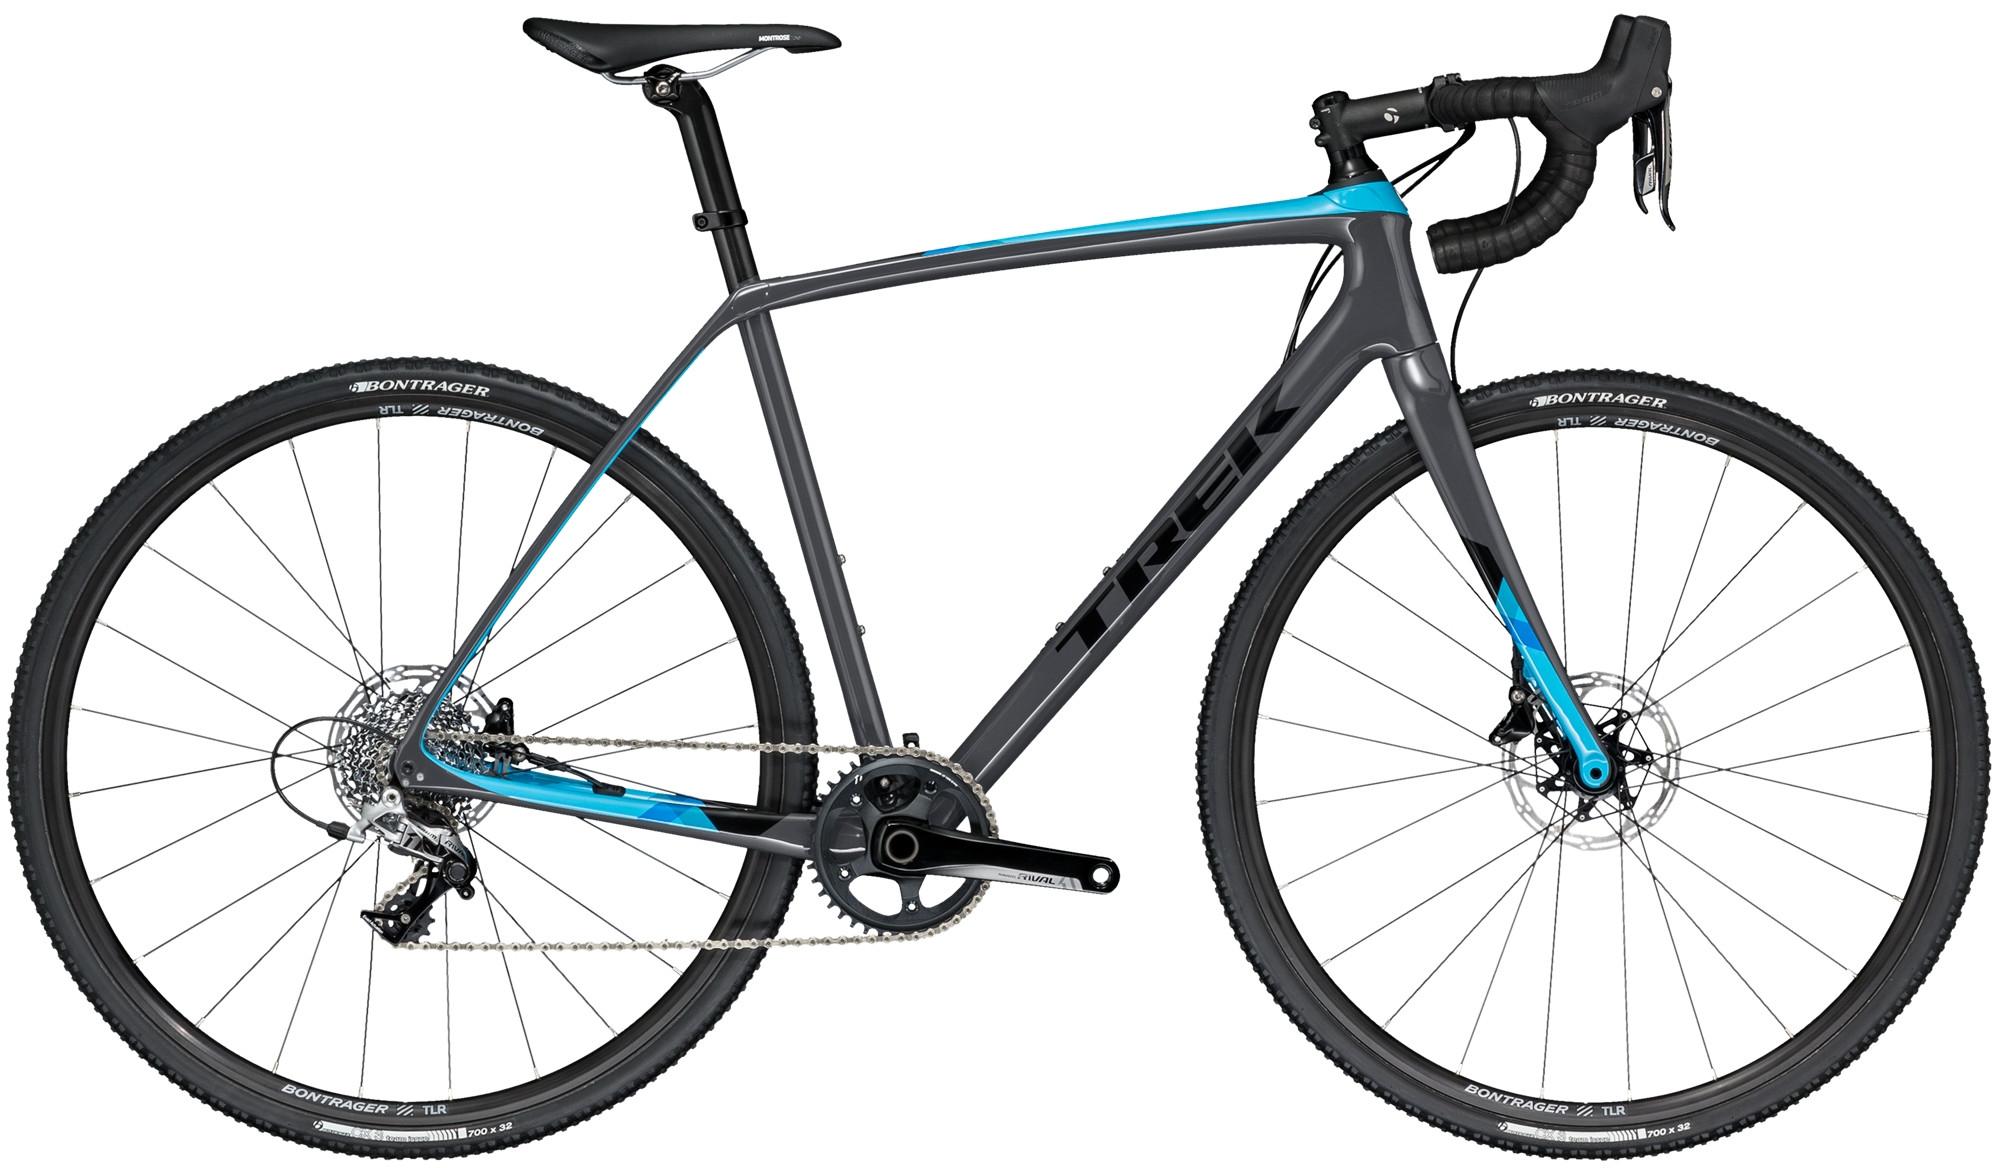 2019 trek boone 5 disc - cyclocross - bikes